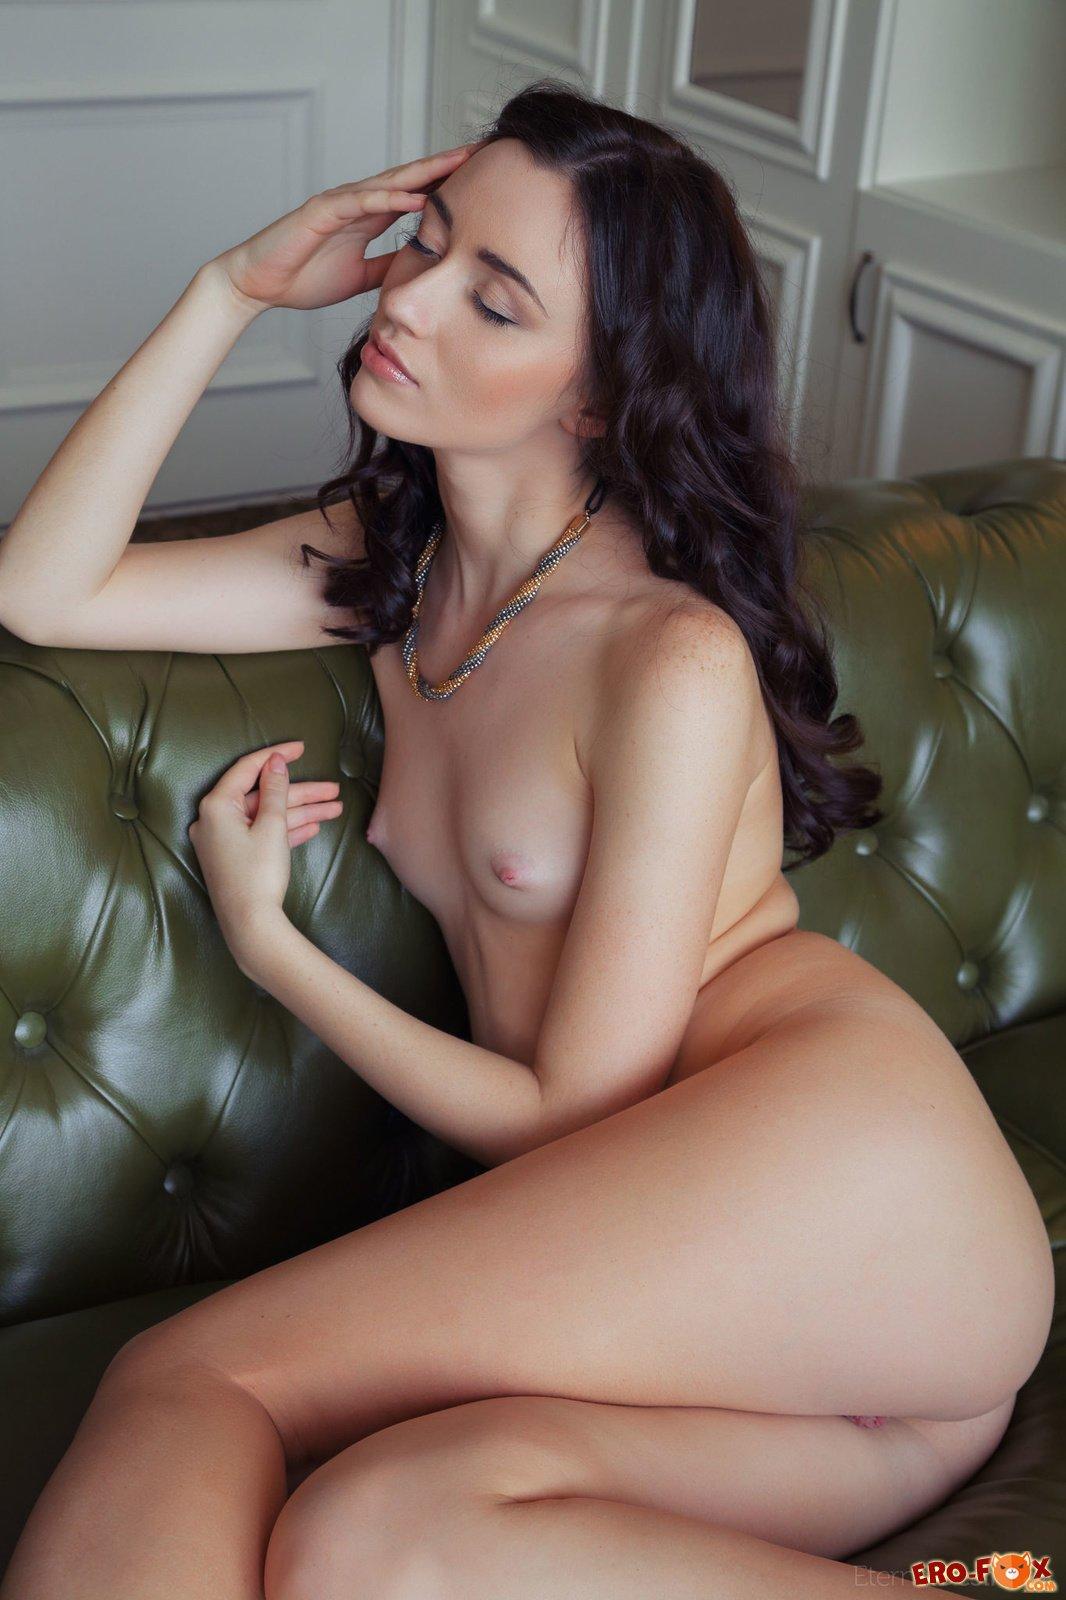 Брюнетка с маленькой плоской грудью  голой брюнетки.